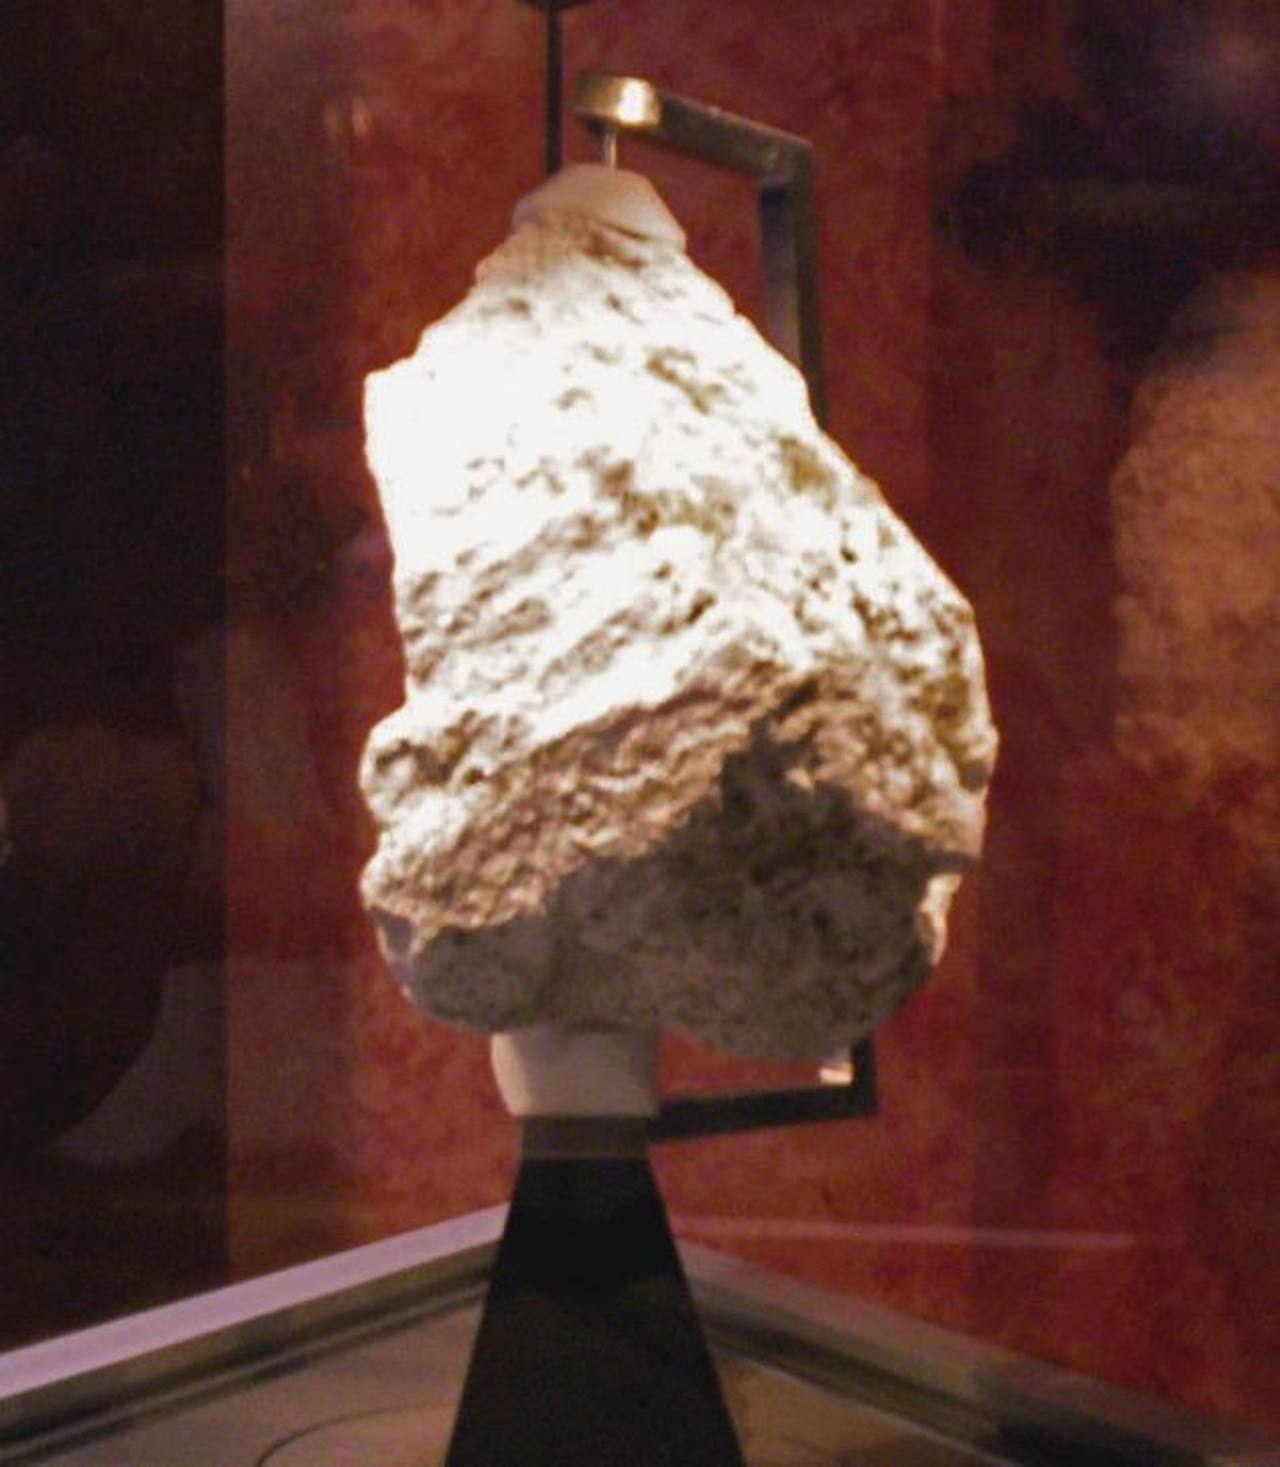 Una roca lunar, traída por la misión Apolo XVII, desde la zona de Taurus-Littrow, será exhibida durante el evento.